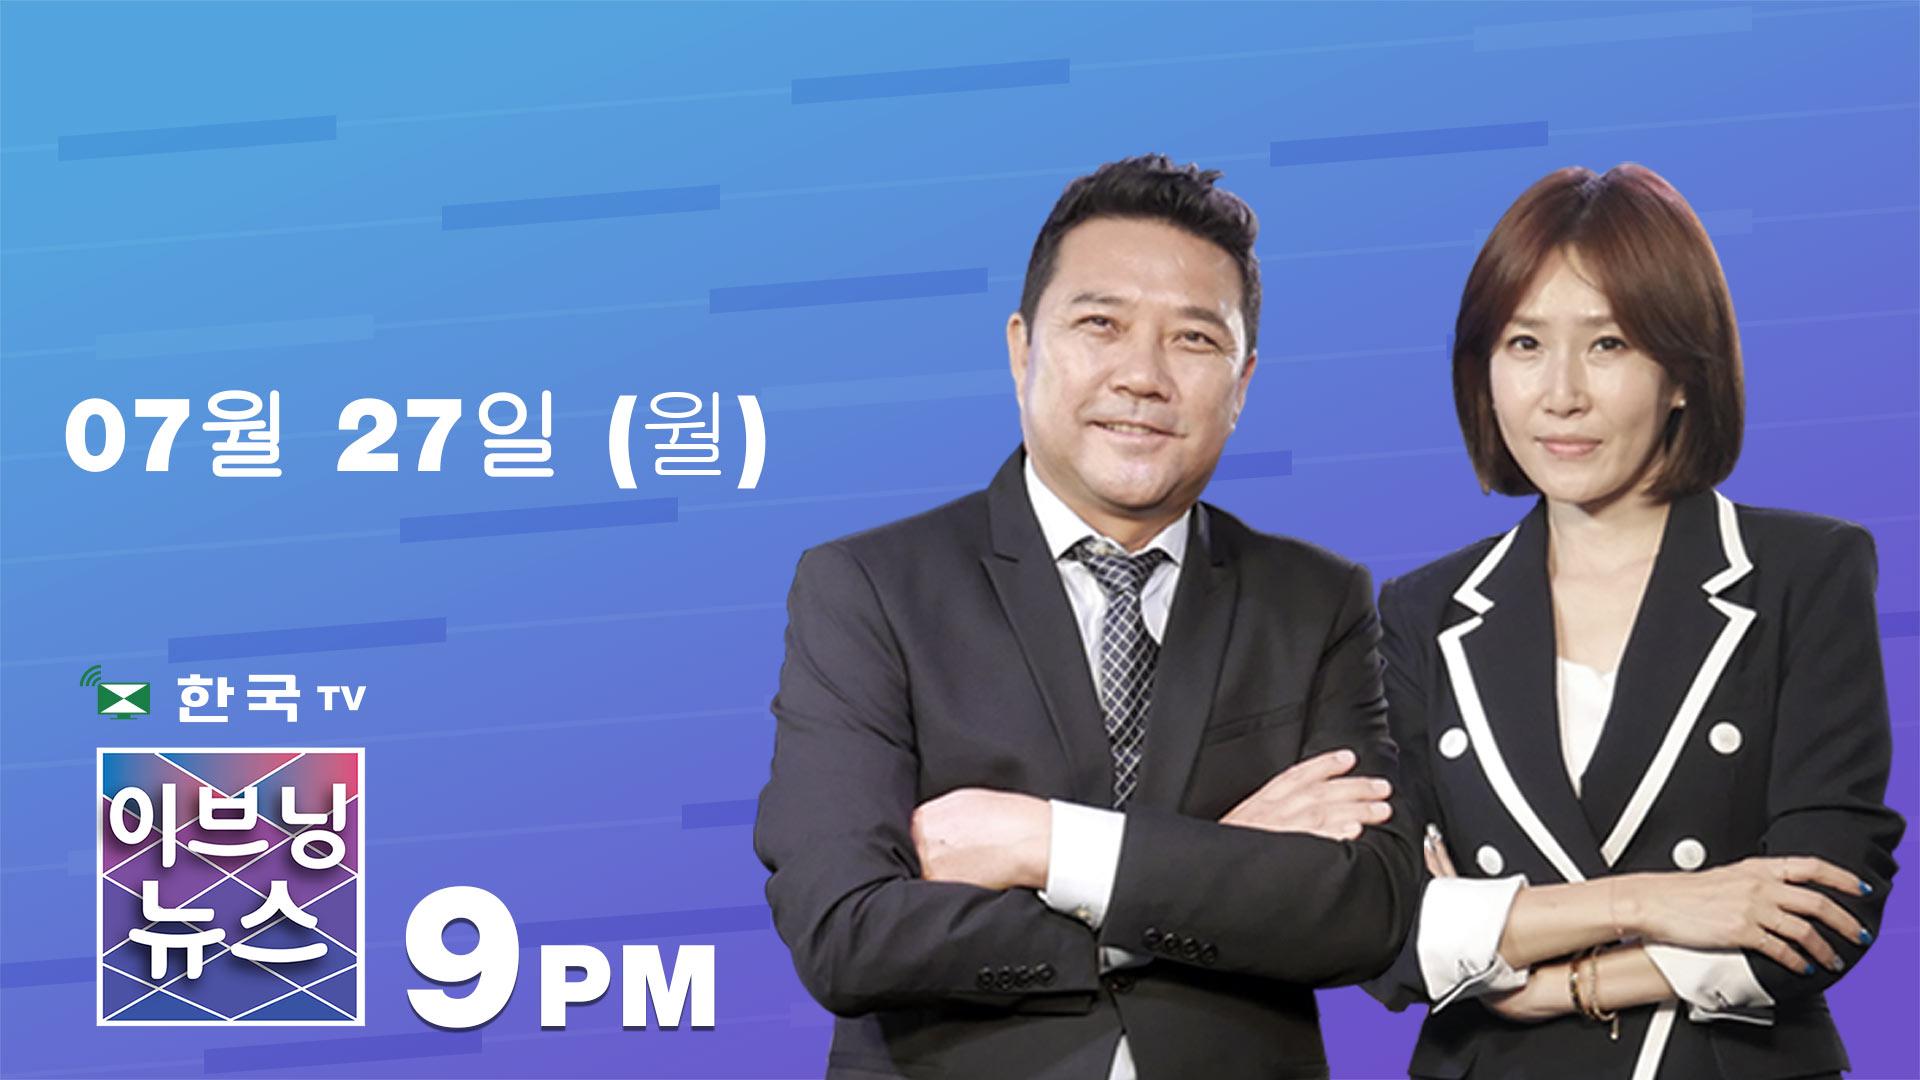 (07.27.2020) 한국TV 이브닝 뉴스